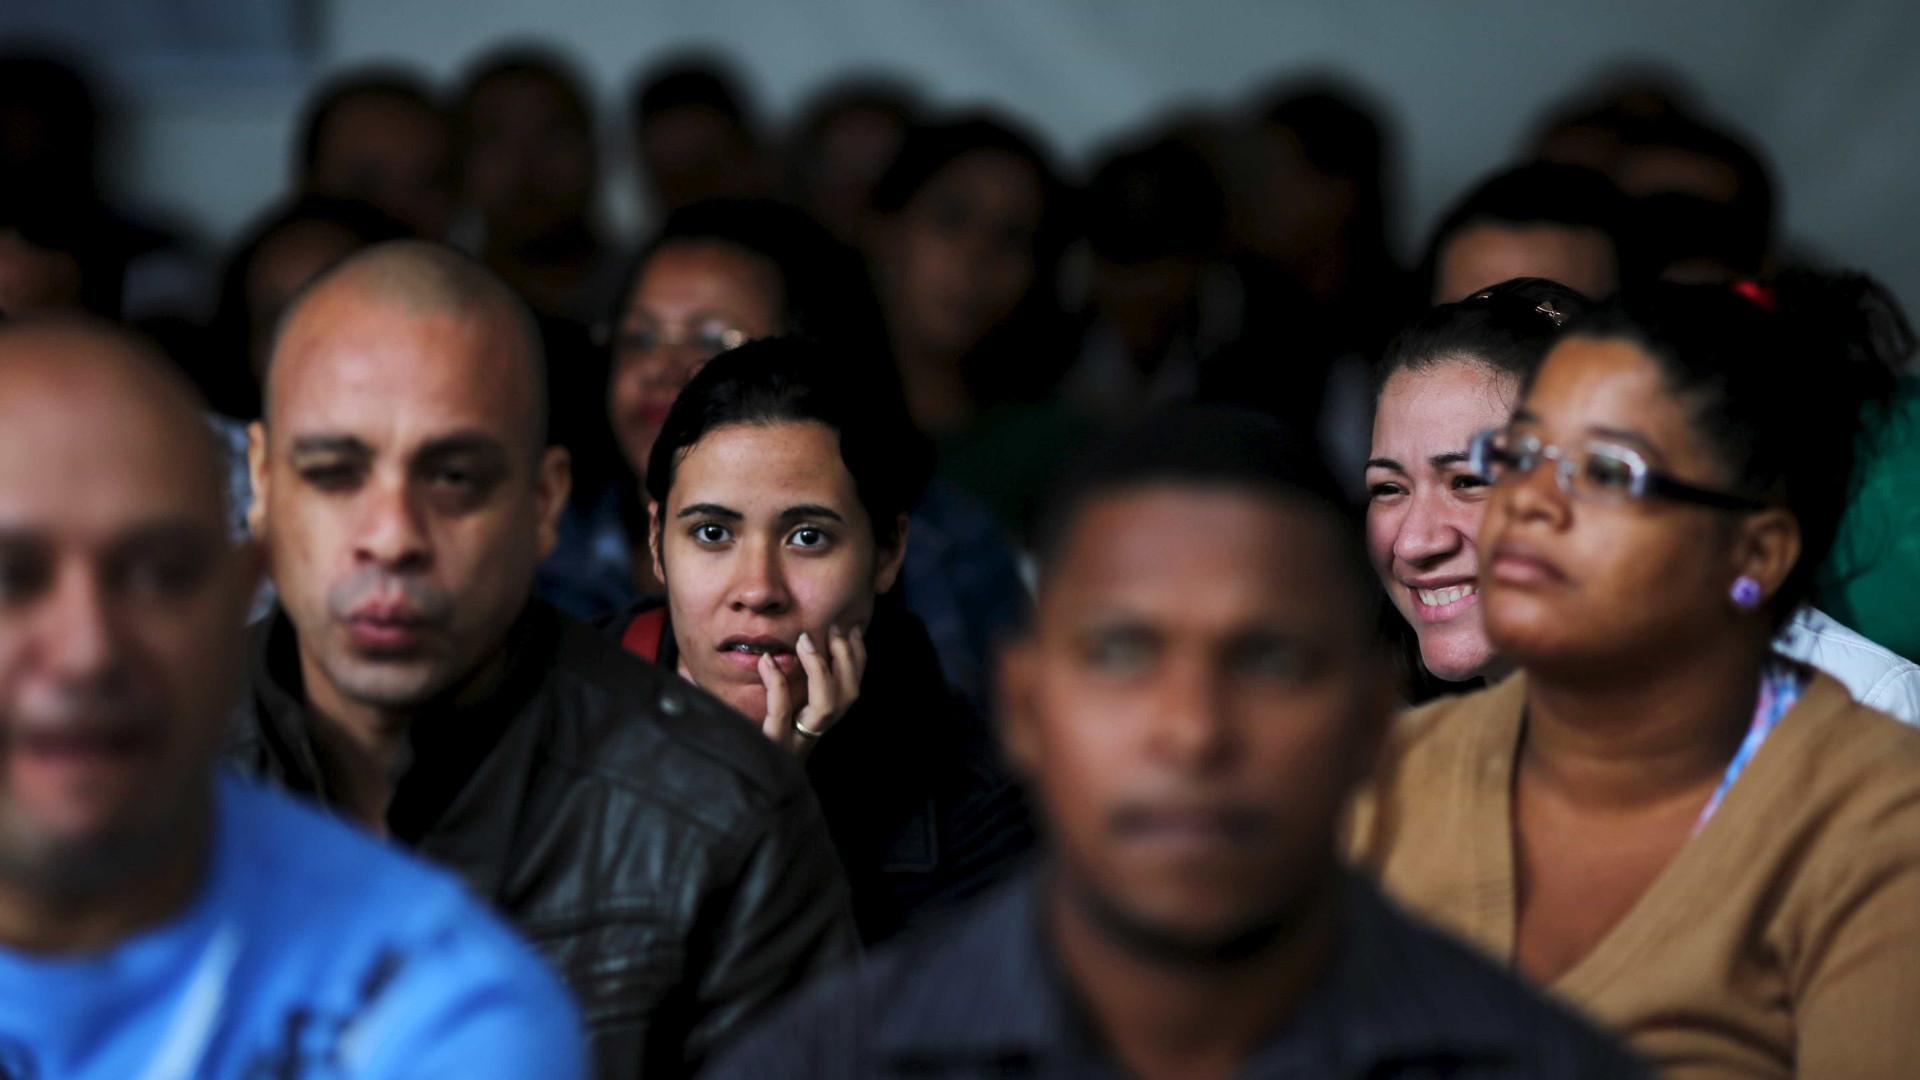 Brasileiros estão menos felizes do que em 2018, aponta pesquisa Ipsos